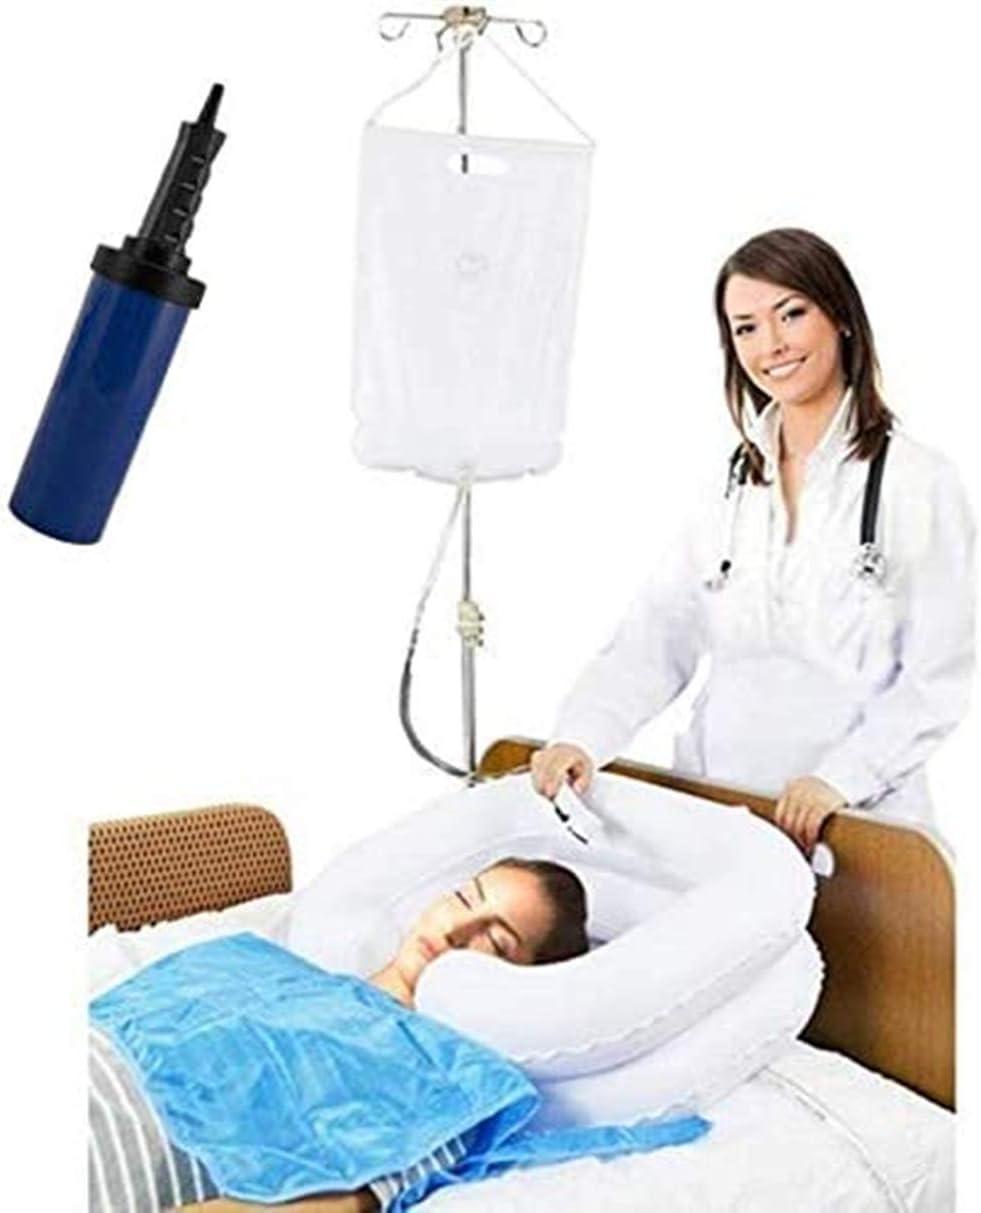 Sistema de ducha para mesita de noche, kit de champú inflable para cama de anciano, fácil de desactivar, embarazo, cama (juego de 6)